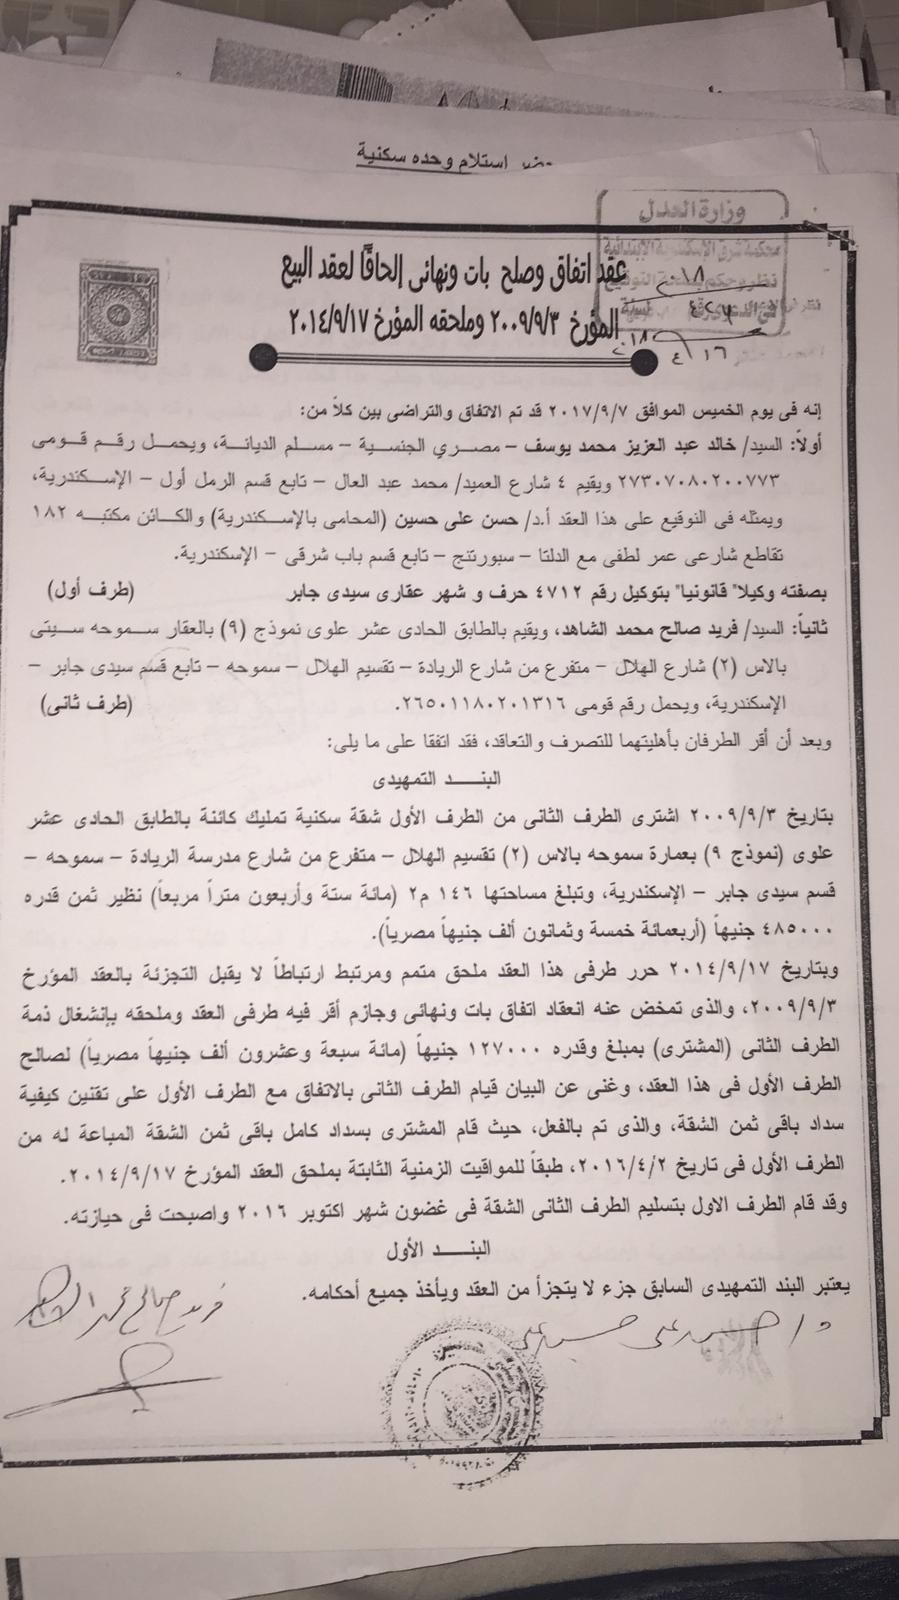 أزمة مشروع سيتي بالاس بالإسكندرية (62)